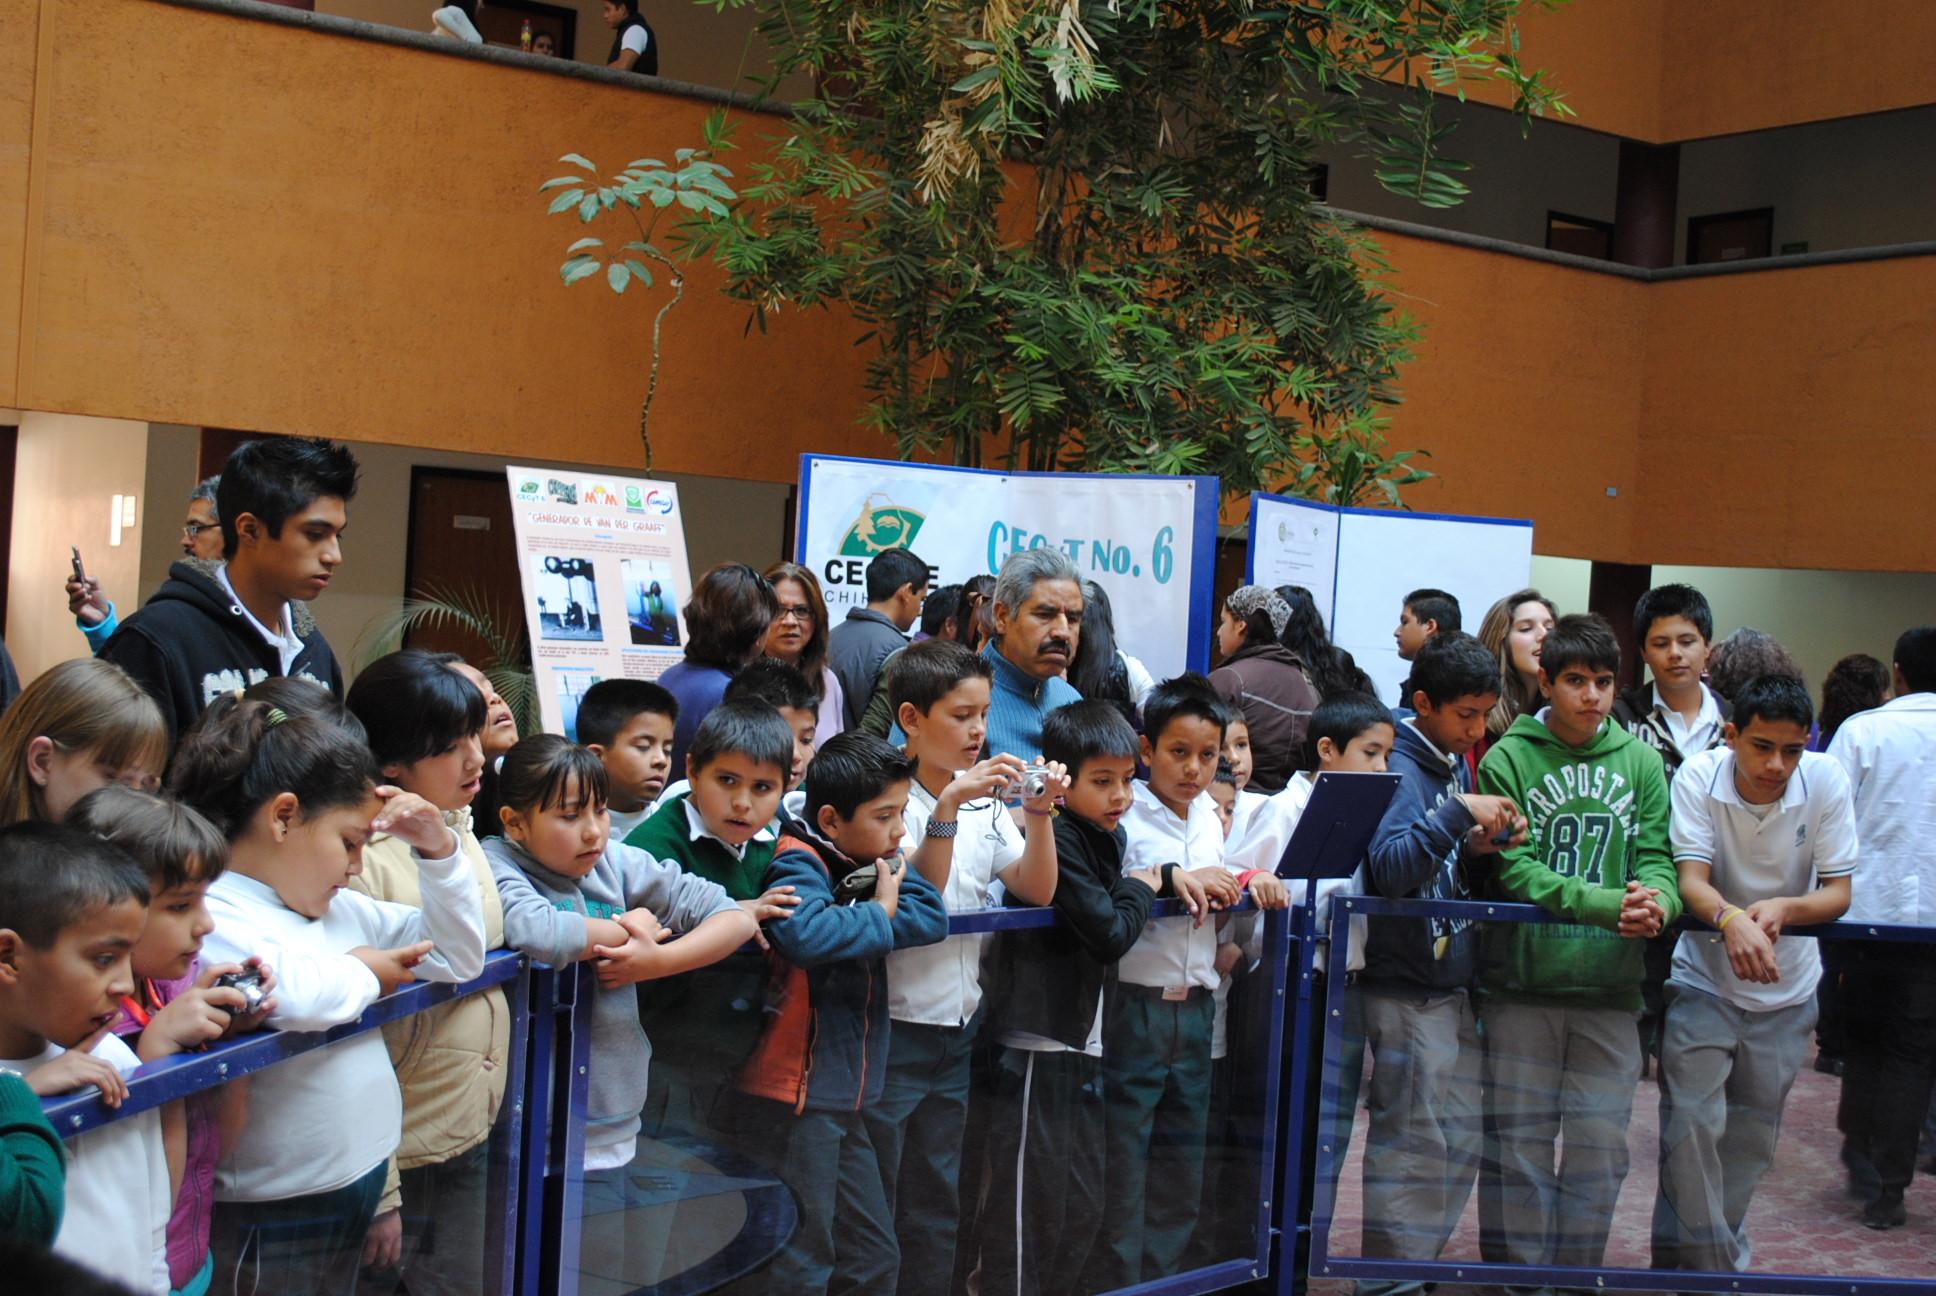 feria de ciencia y tec2010 084.jpg